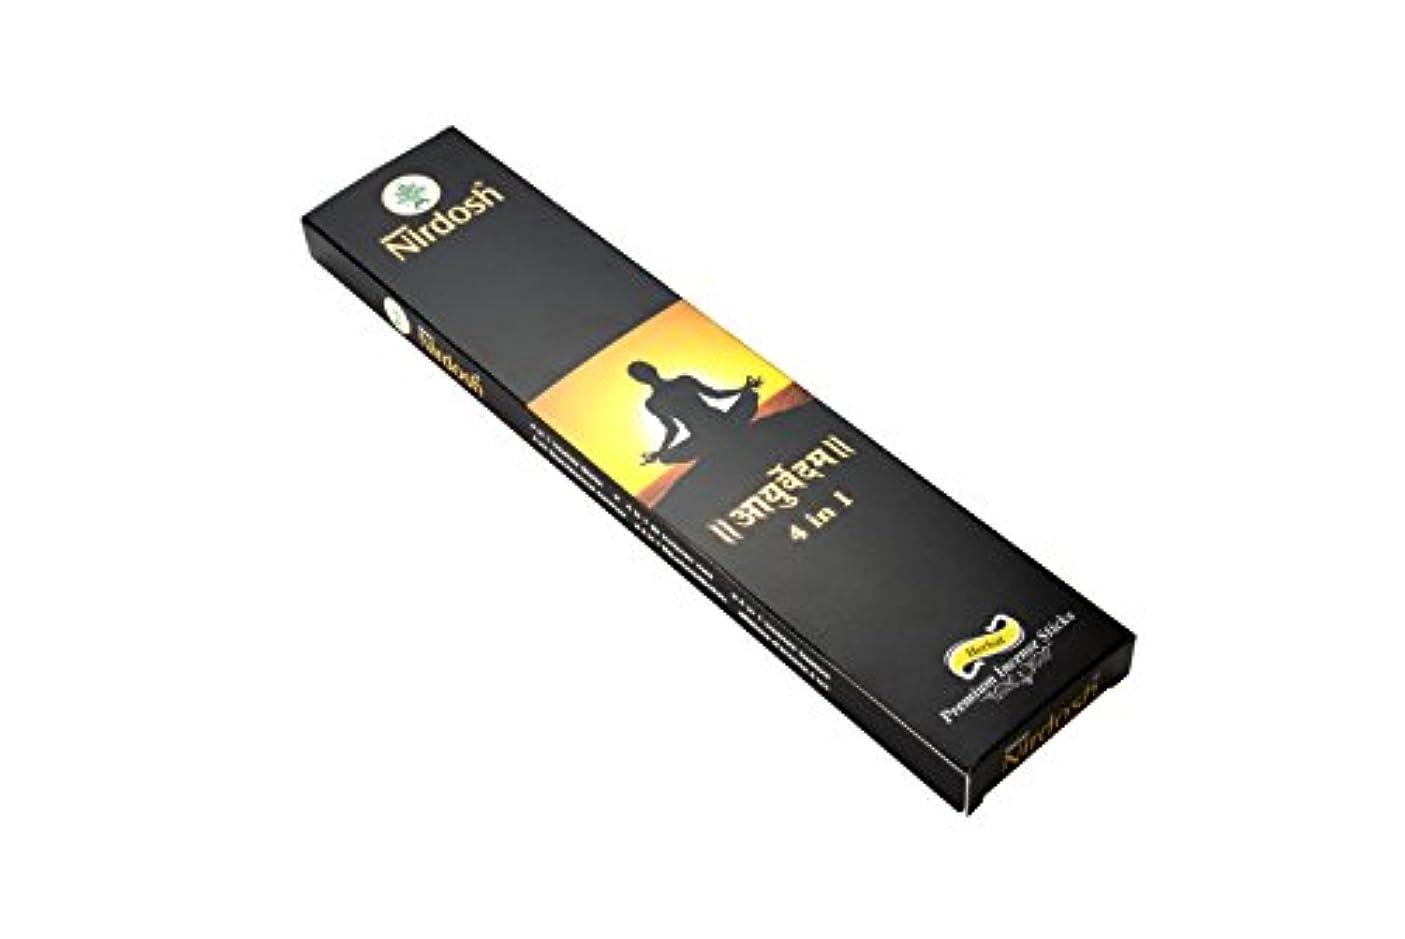 発行するダウン前書きNirdosh Premium Herbal Incense Sticks – Natural ayurvedam 4 in 1味100 g。12インチLong ( Pack of 2 ) with 1 Free木製お香ホルダー